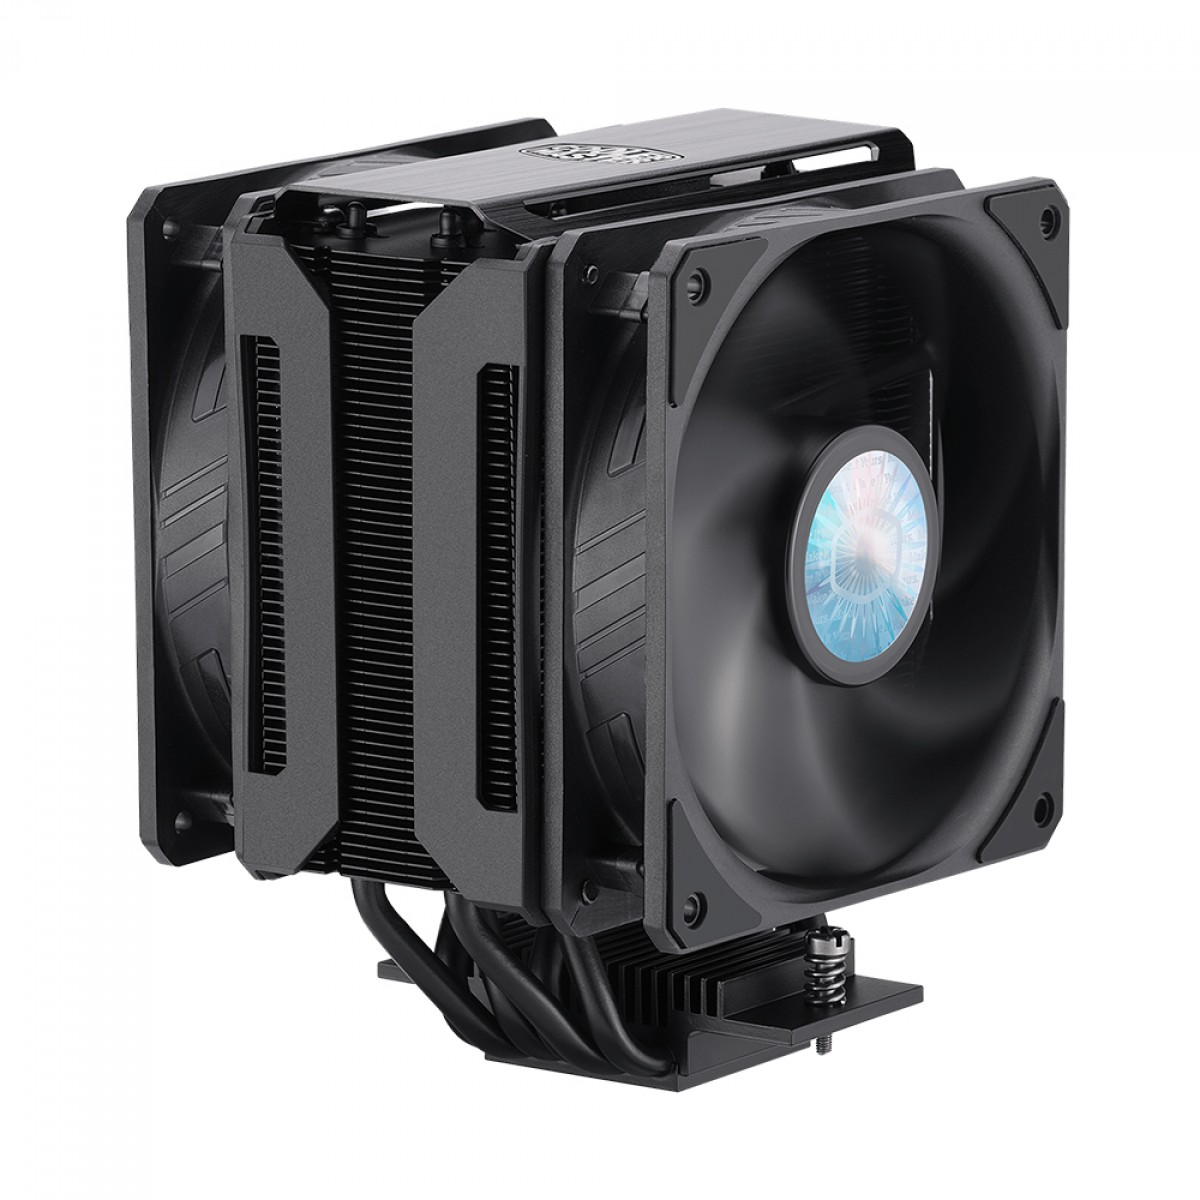 Cooler para Processador Cooler Master Masterair MA612, 120mm, Intel-AMD, MAP-T6PS-218PK-R1